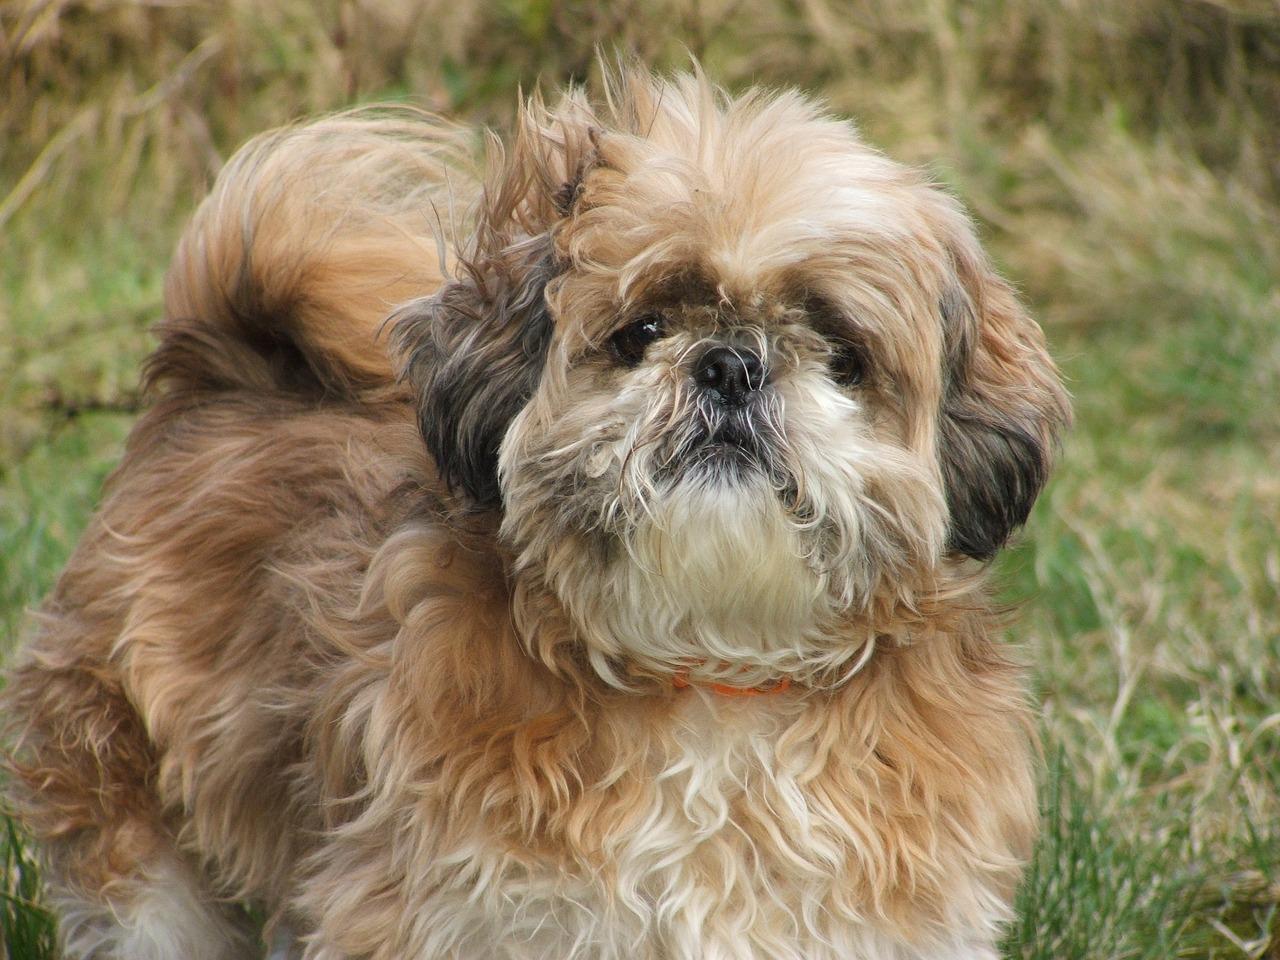 Rasy małych psów z włosami